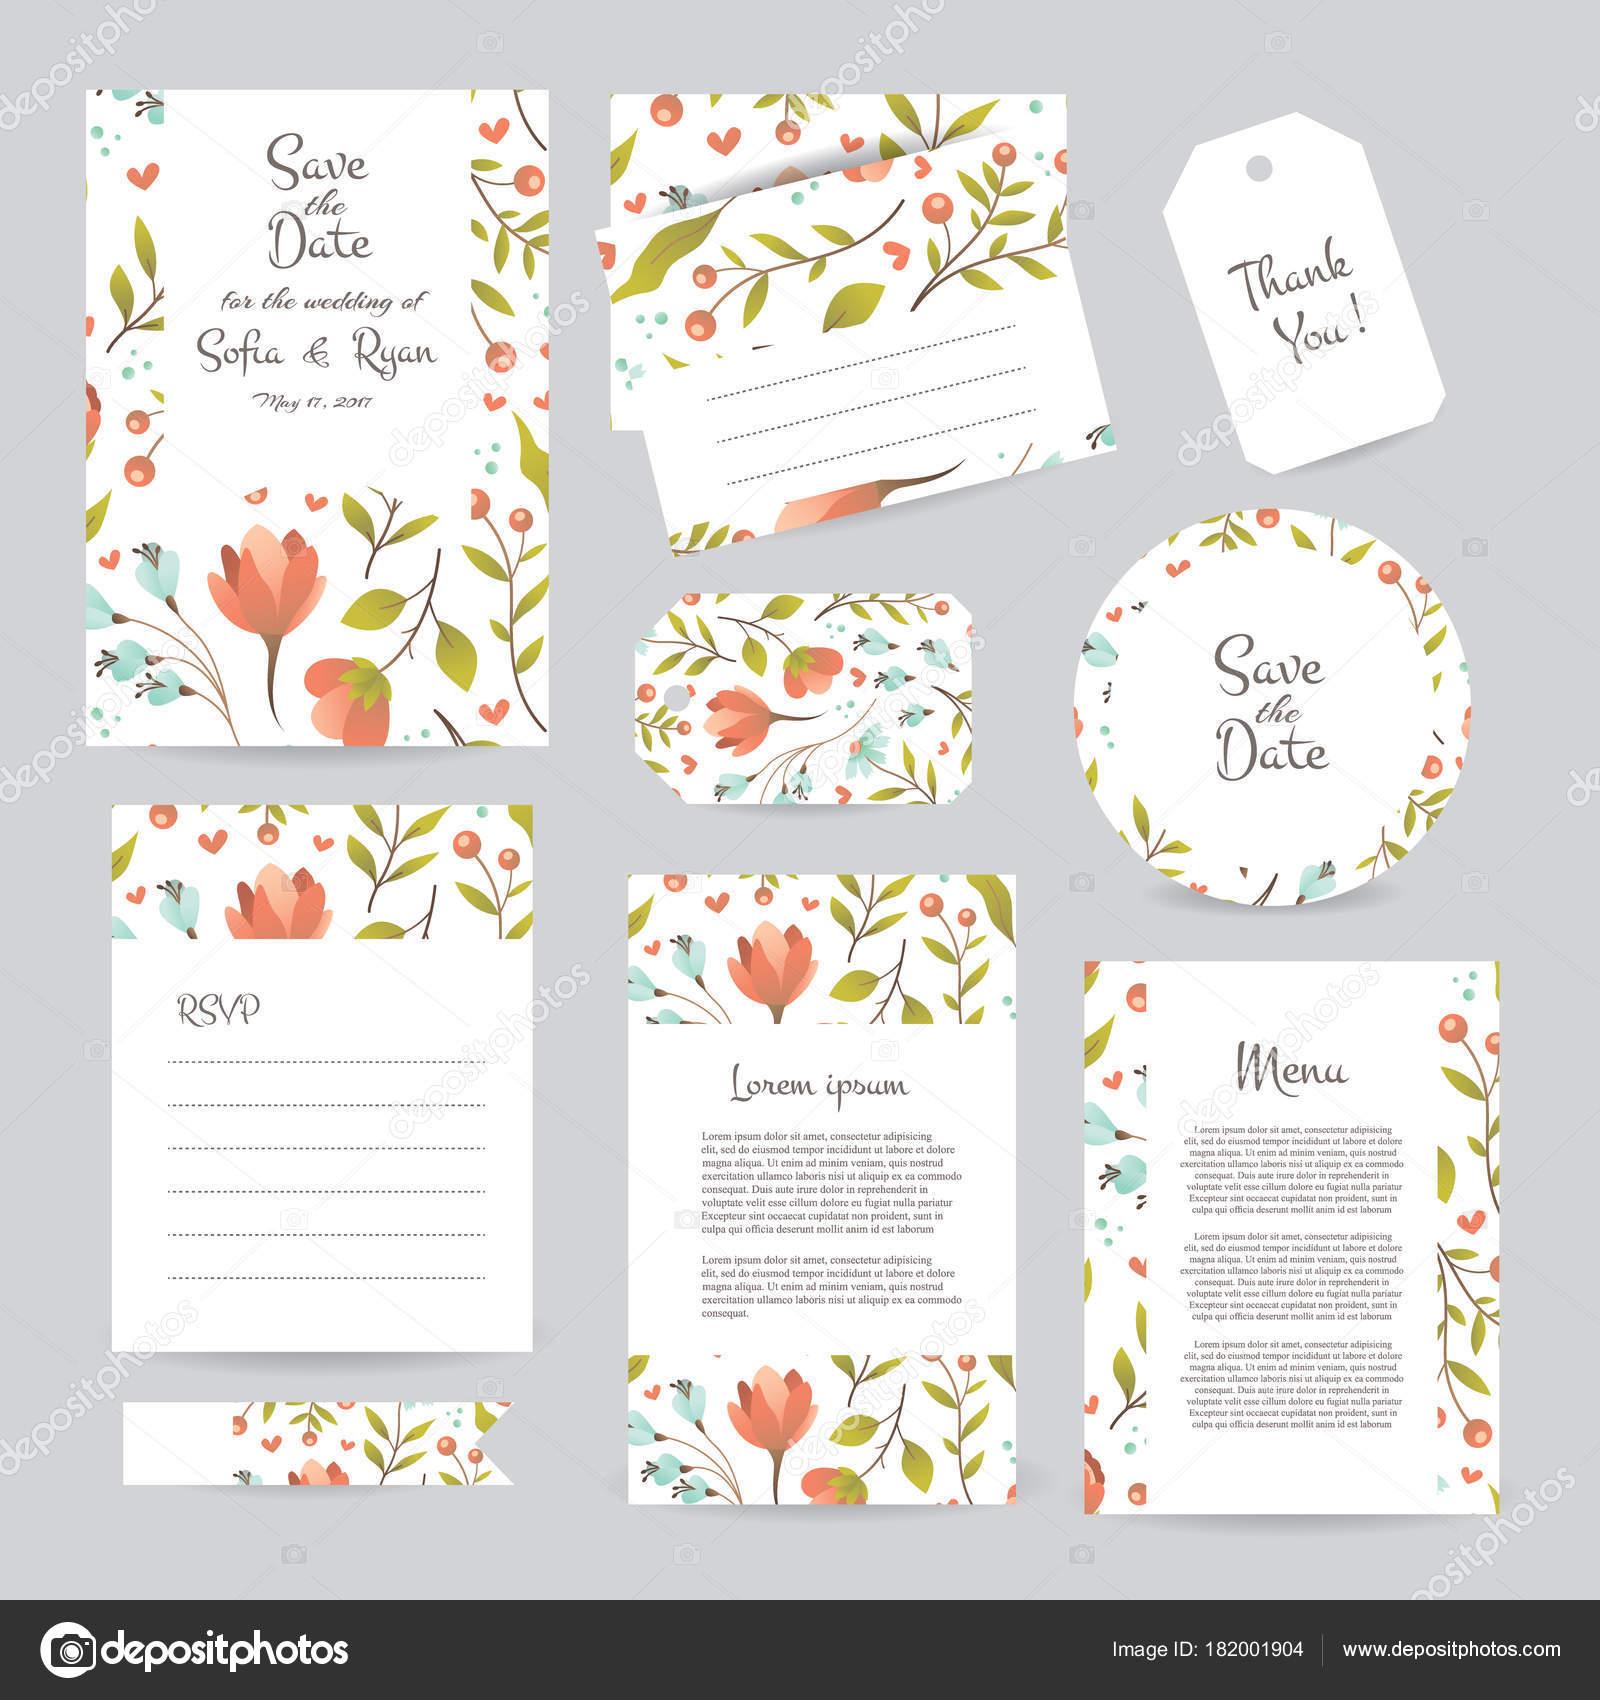 plantilla de tarjetas de boda suave vector con diseo de flores invitacin de la boda o guardar la tarjeta de men y gracias fecha rsvp para el diseo